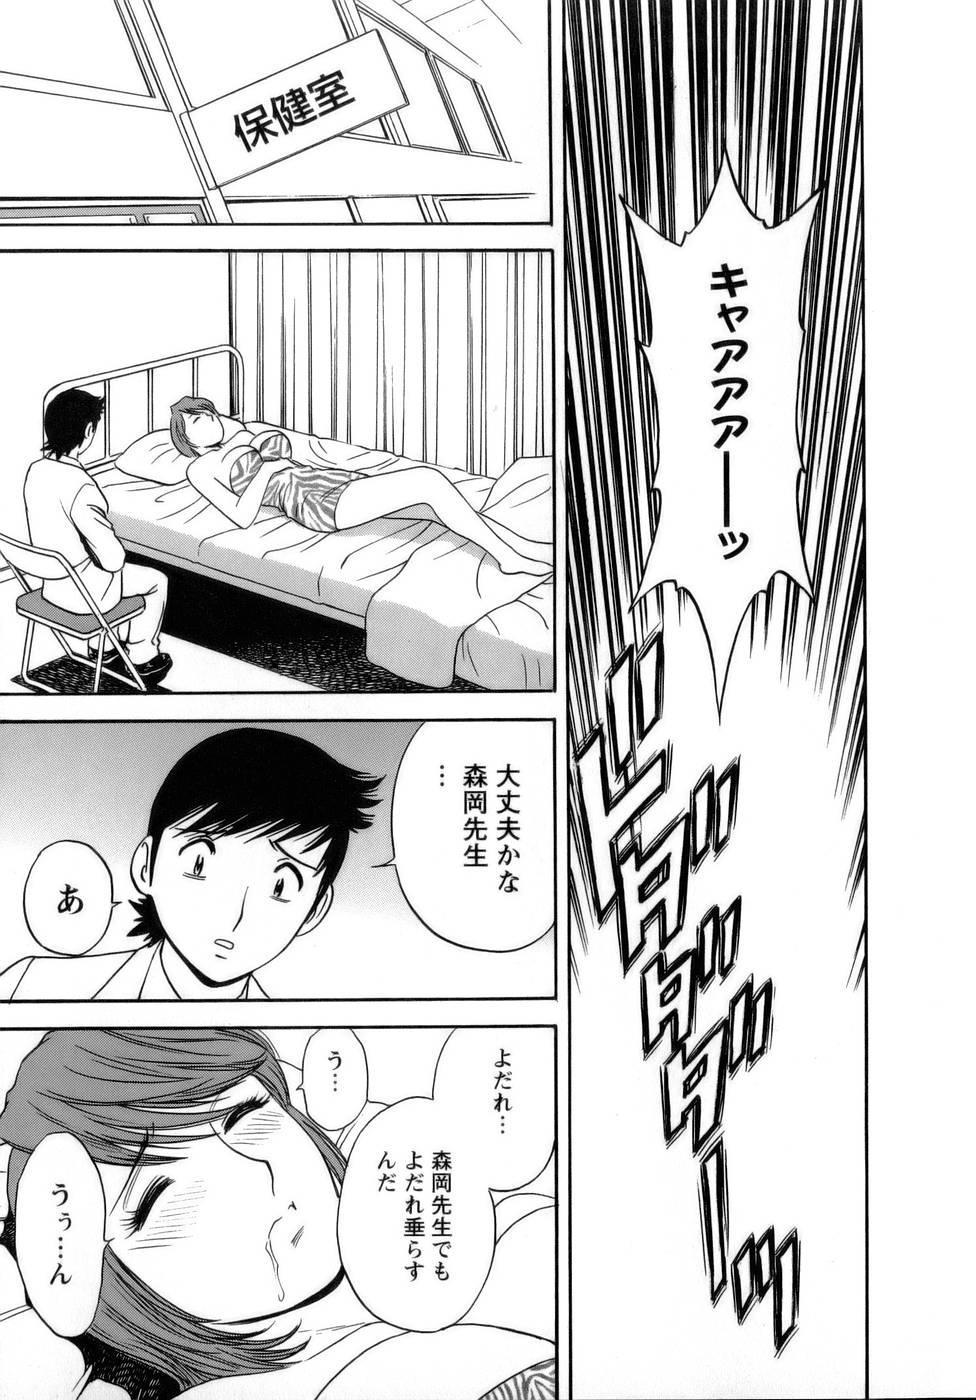 [Hidemaru] Mo-Retsu! Boin Sensei (Boing Boing Teacher) Vol.1 162